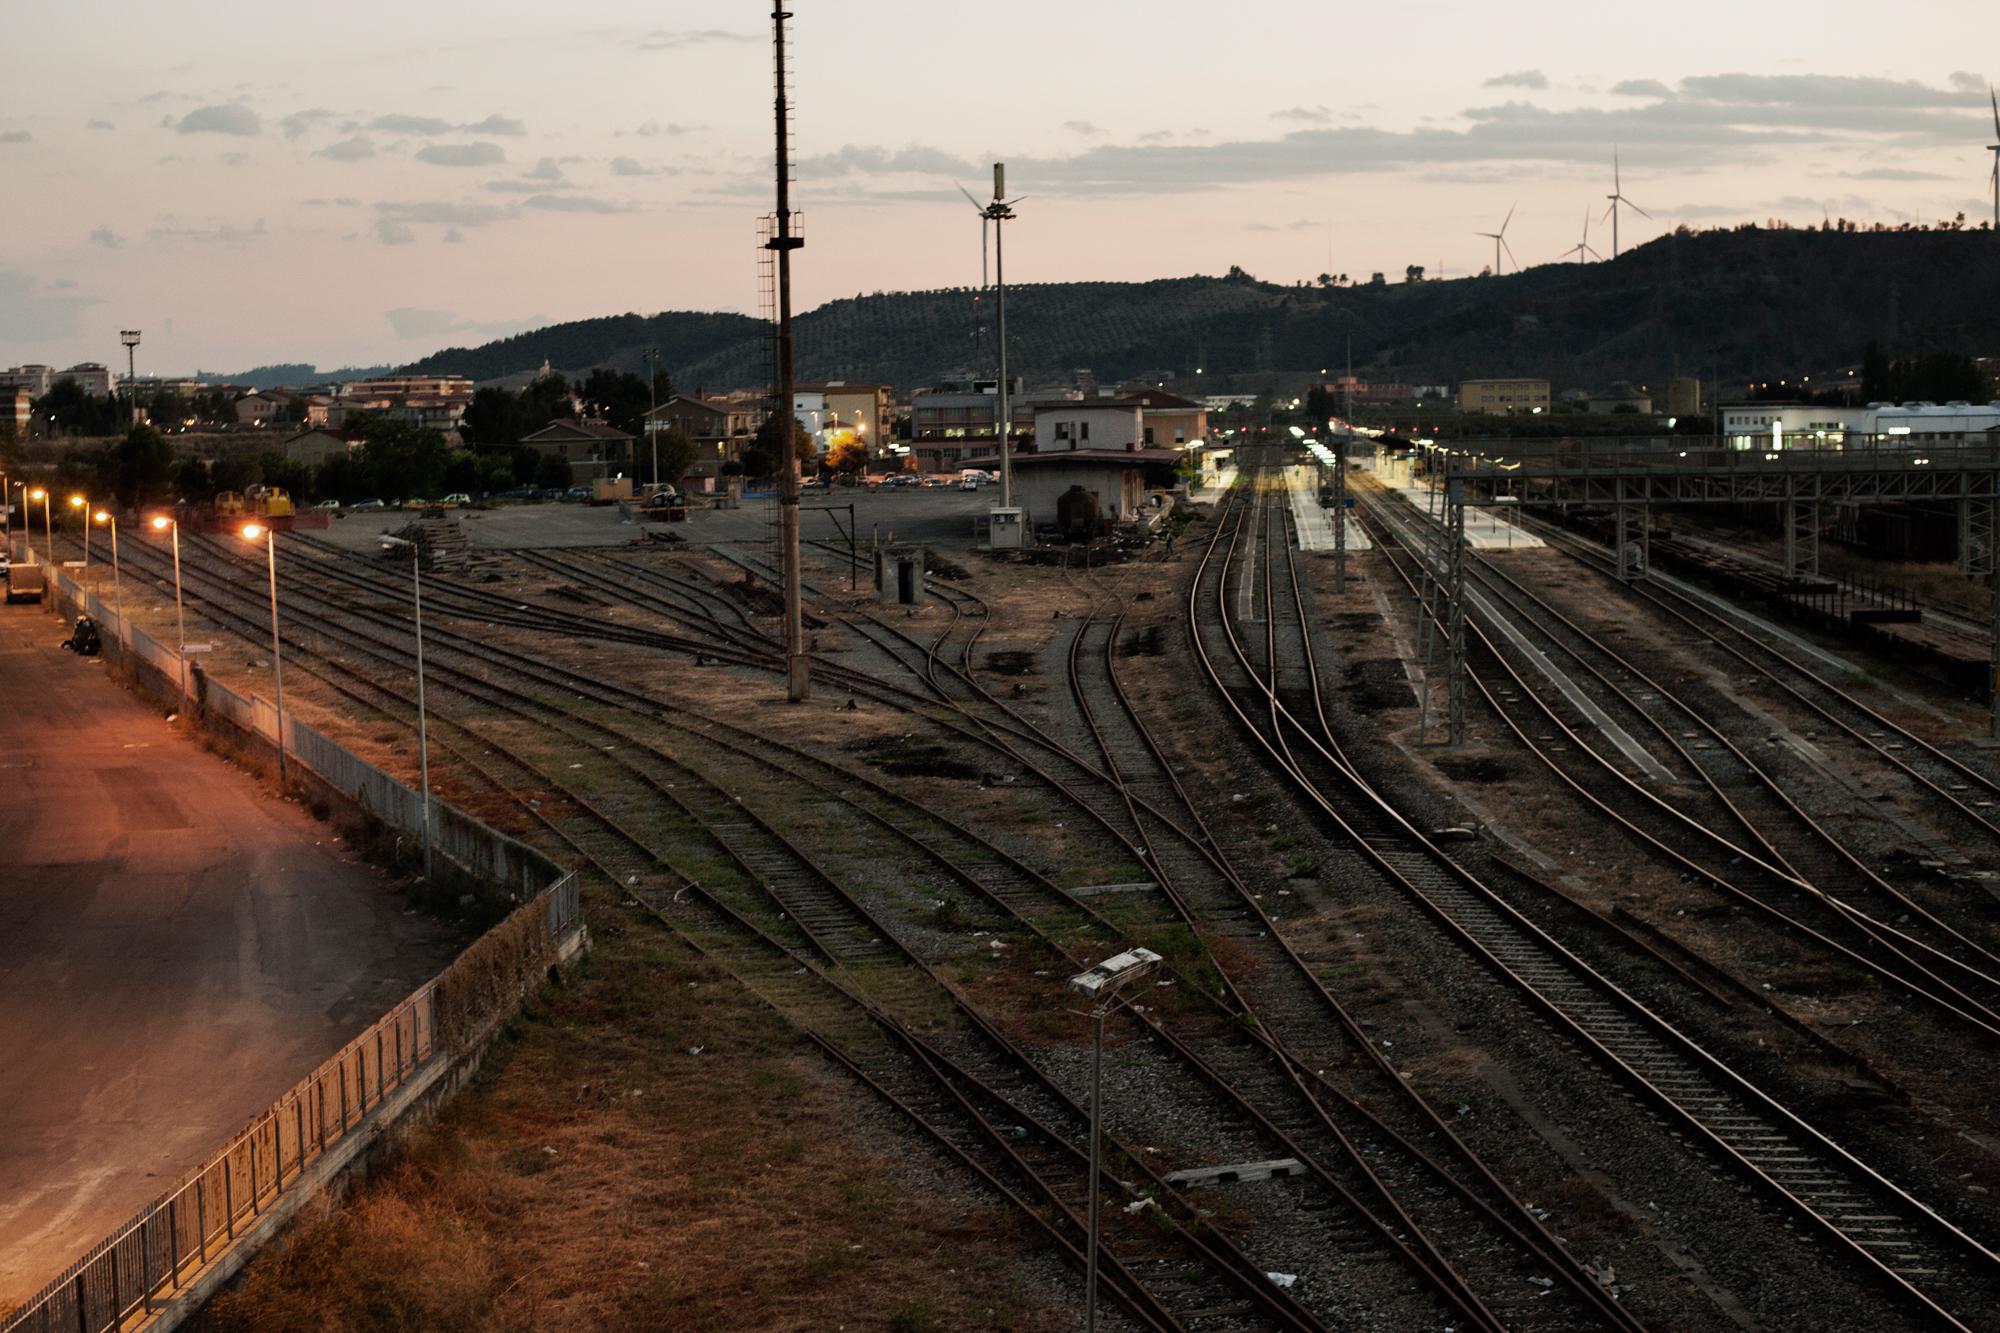 Italia. Crotone 2013: La stazione ferroviaria costruita per le necessita di una città industriale è ora quasi del tutto inutilizzata e se ne prevede lo smantellamento nei prossimi anni.